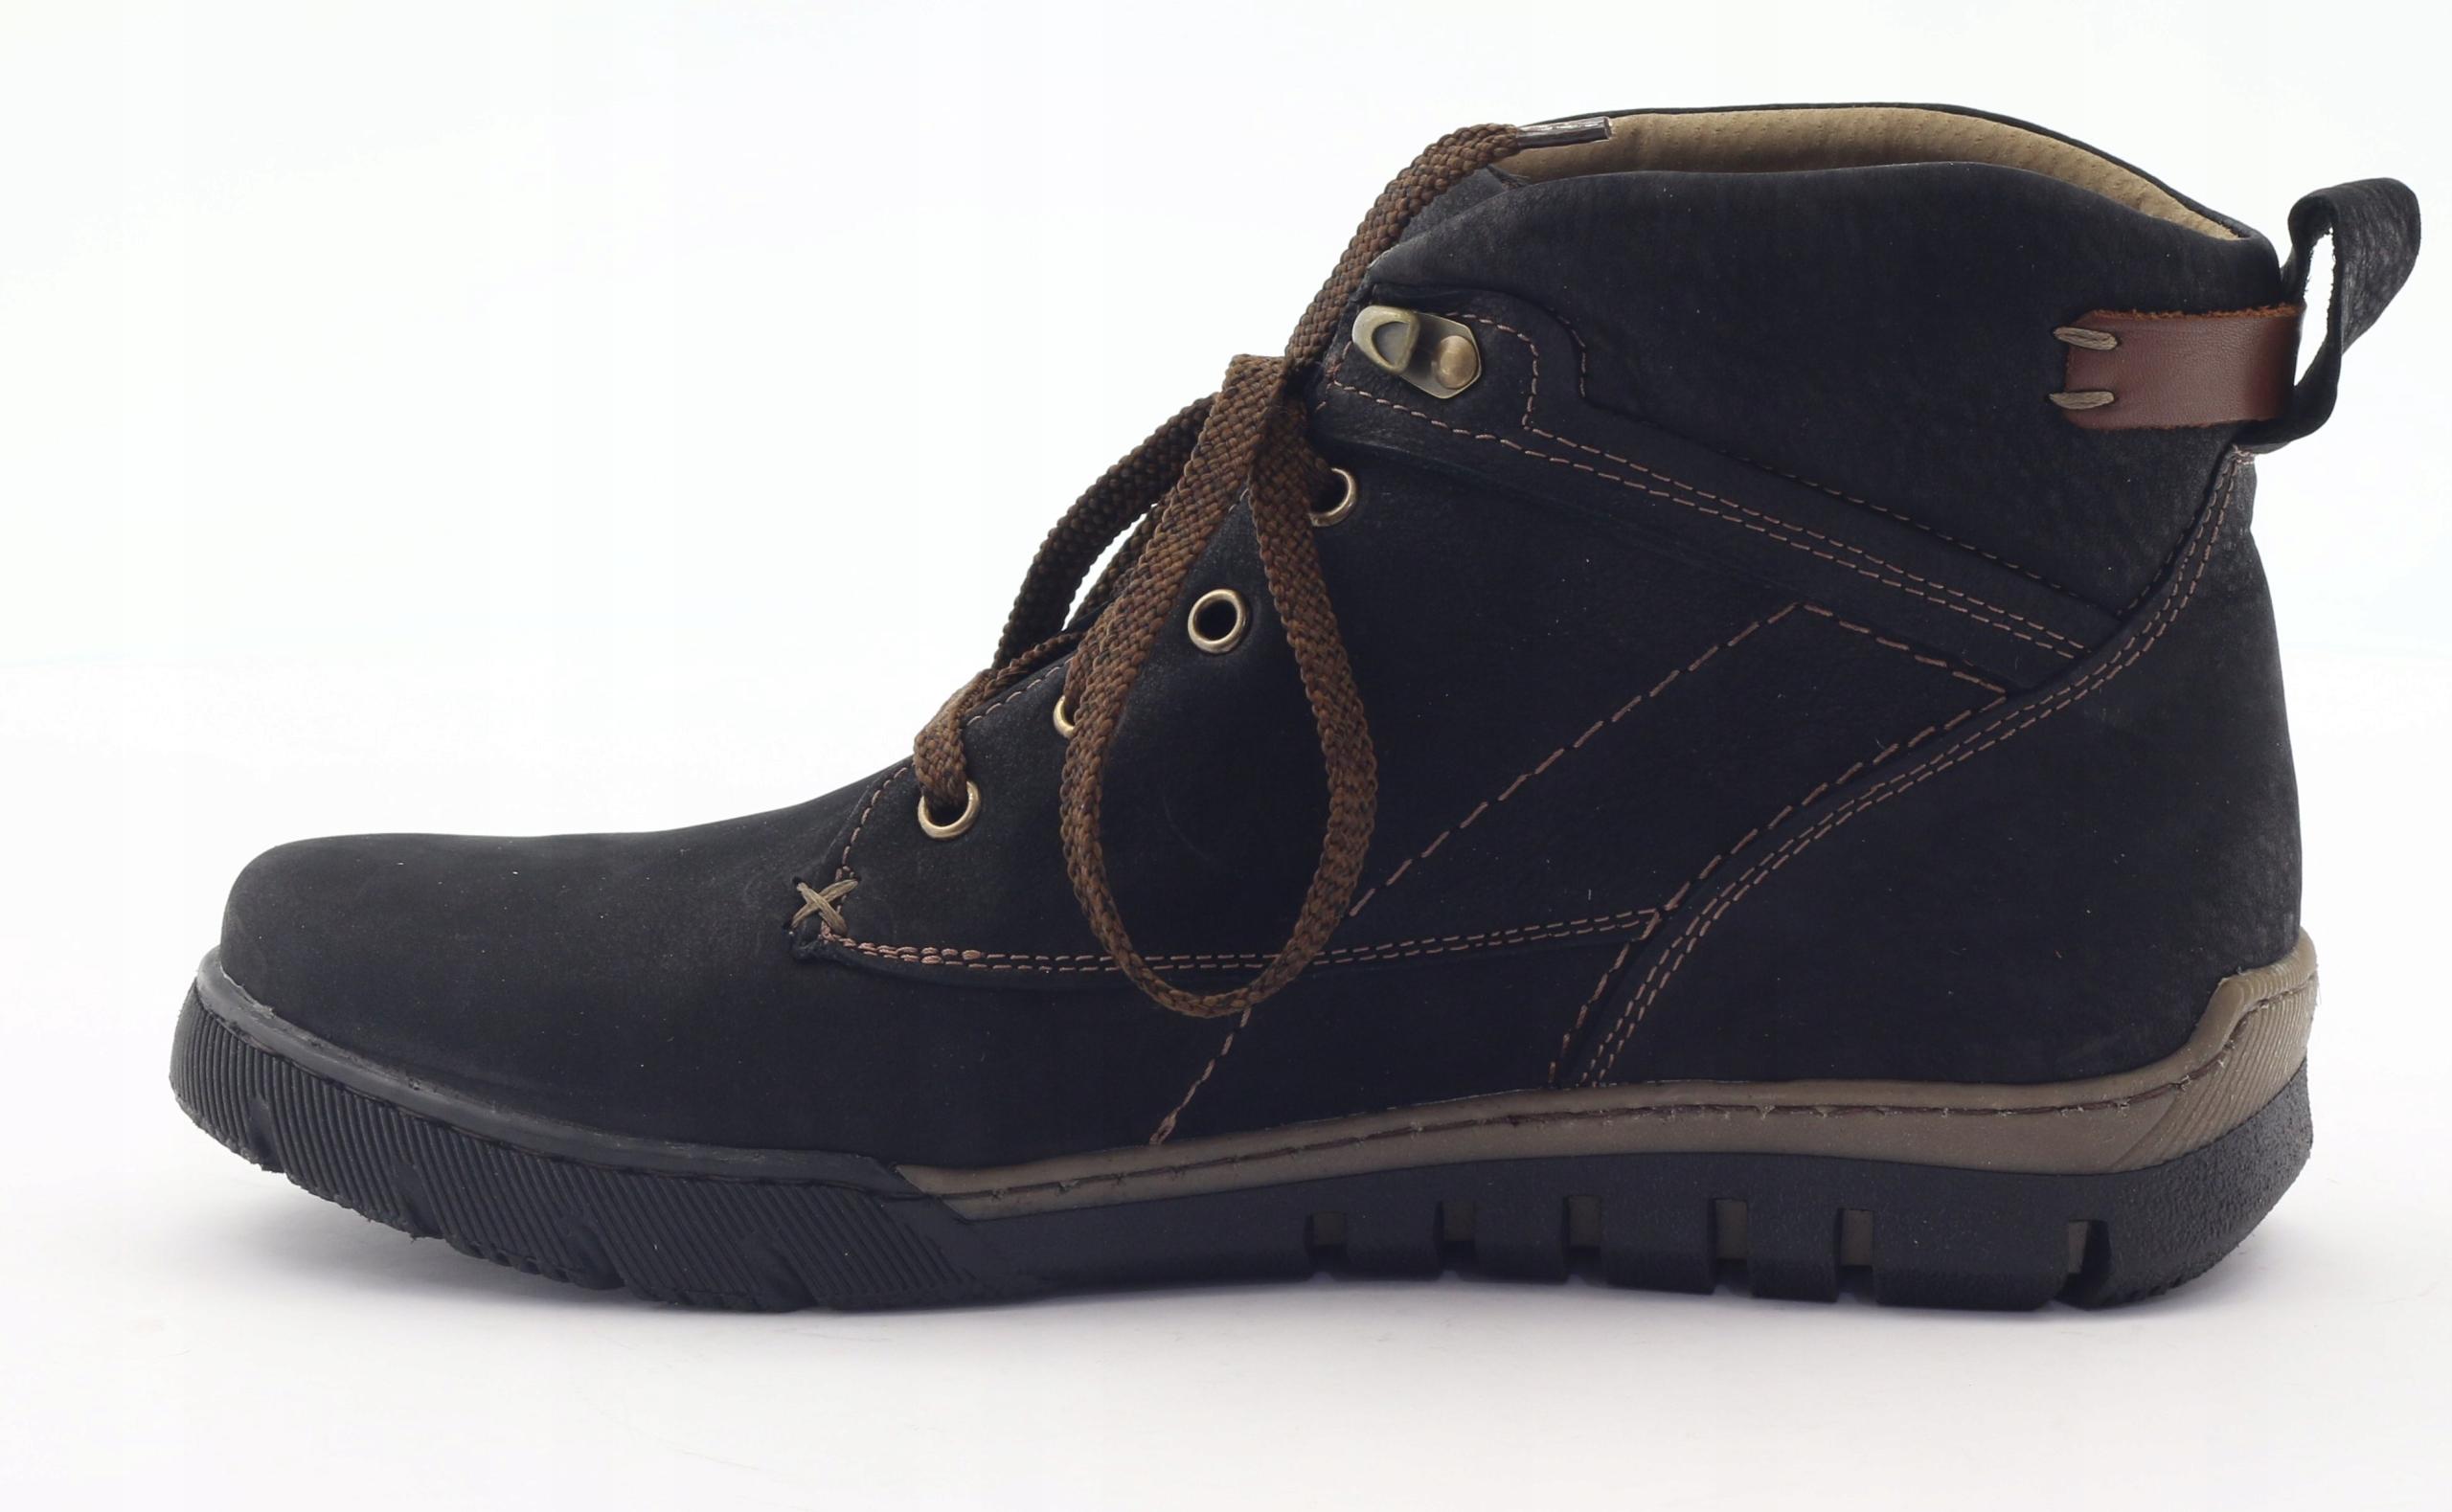 79fc6294d69f4 Riko buty męskie trzewiki botki 795 r.44 - 7677636148 - oficjalne ...